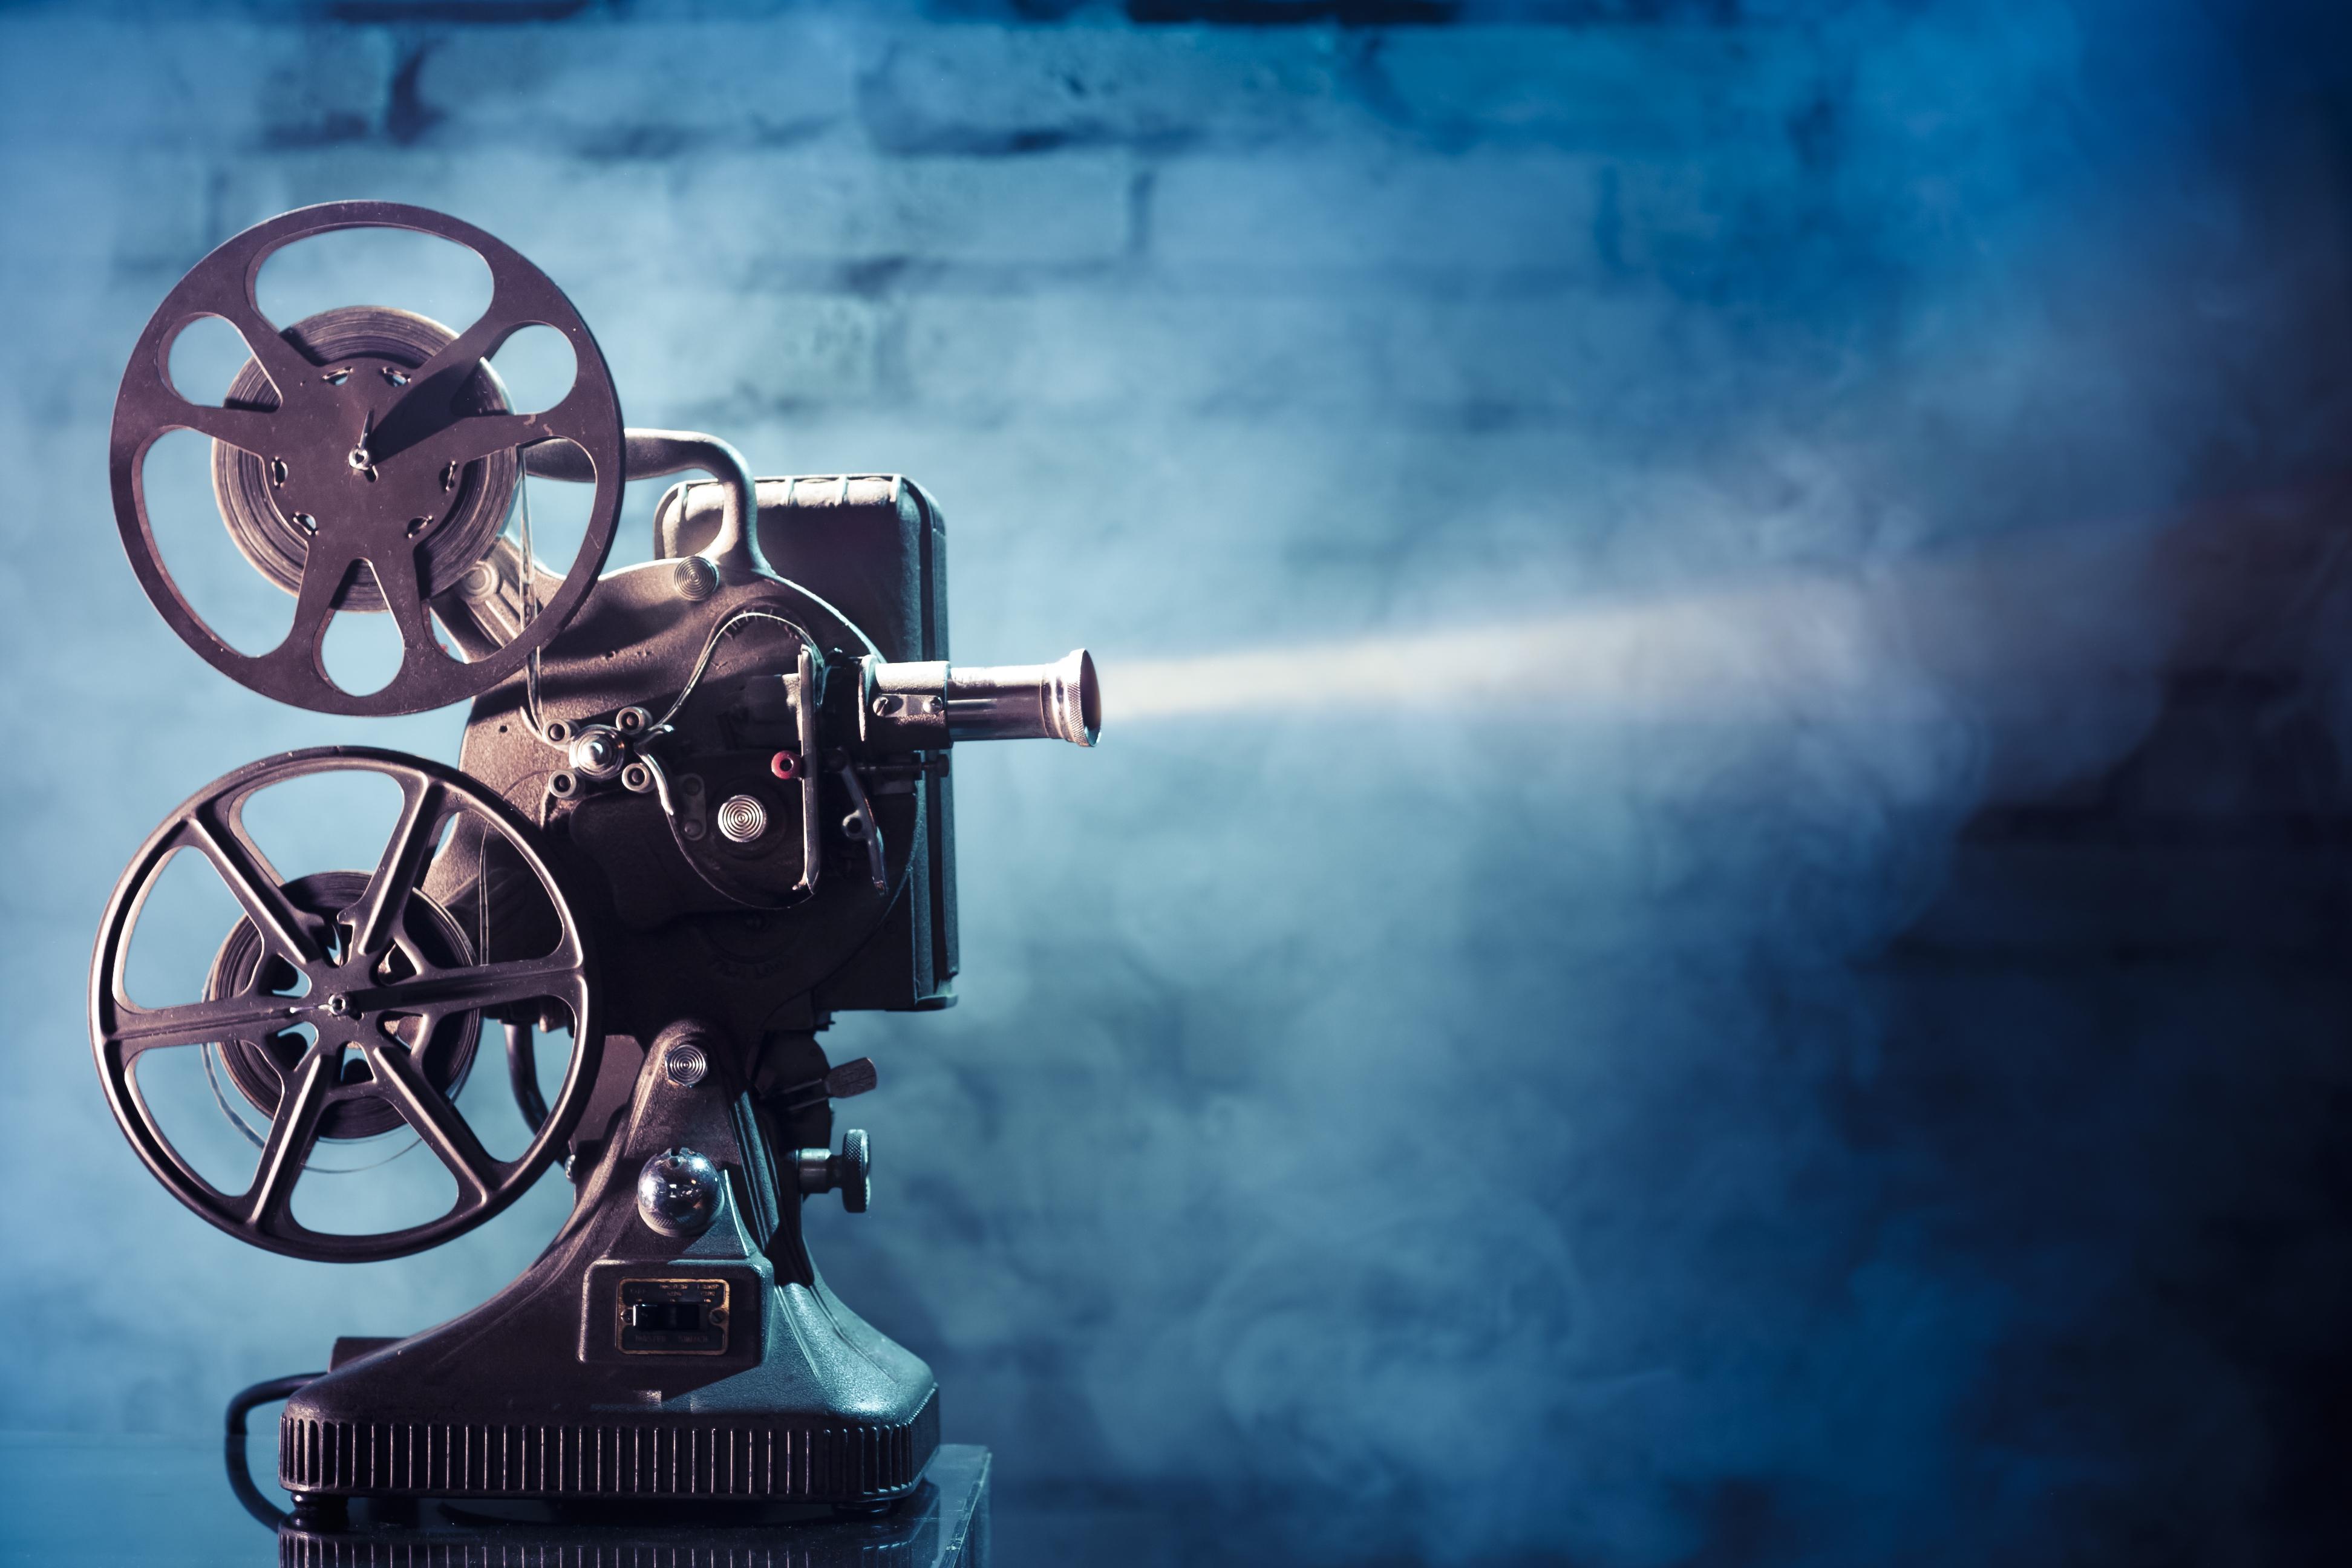 Resultado de imagem para produção cinematográfica shutterstock